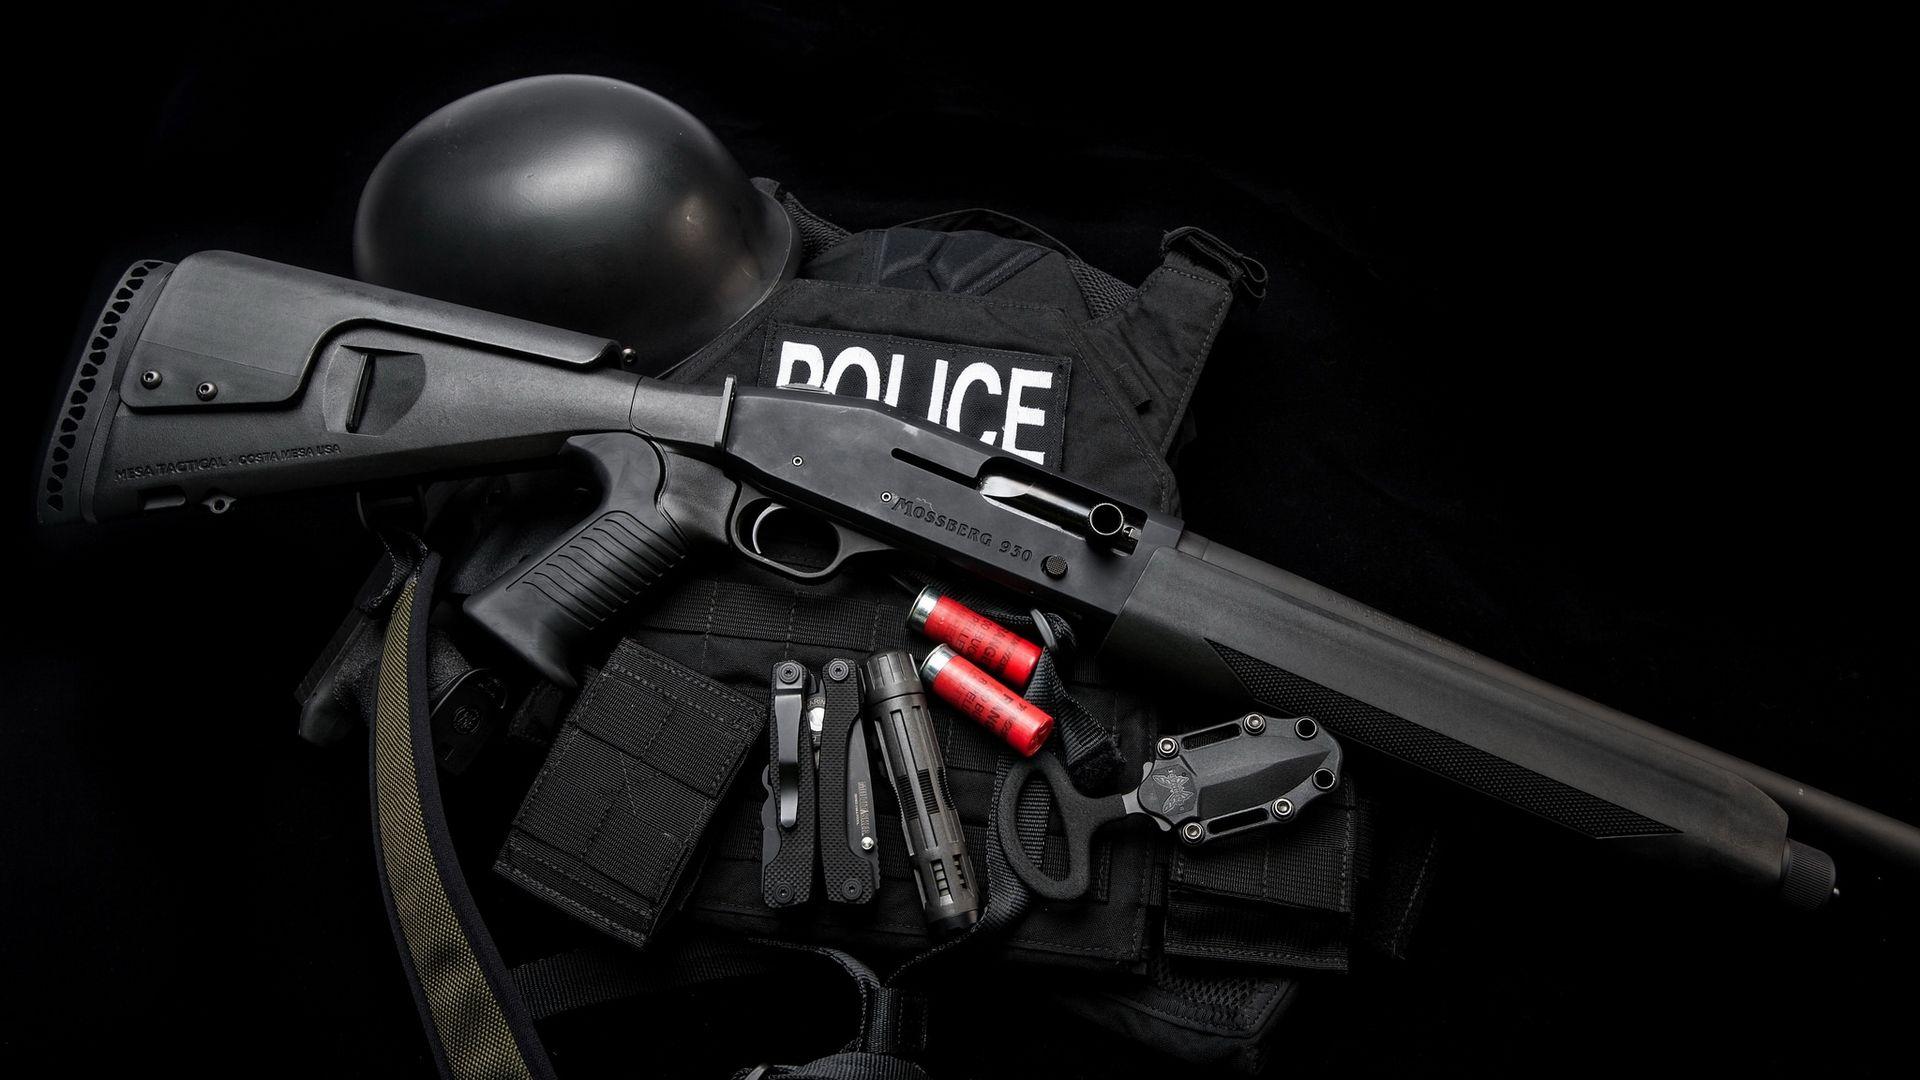 Экипировка полиции и SWAT